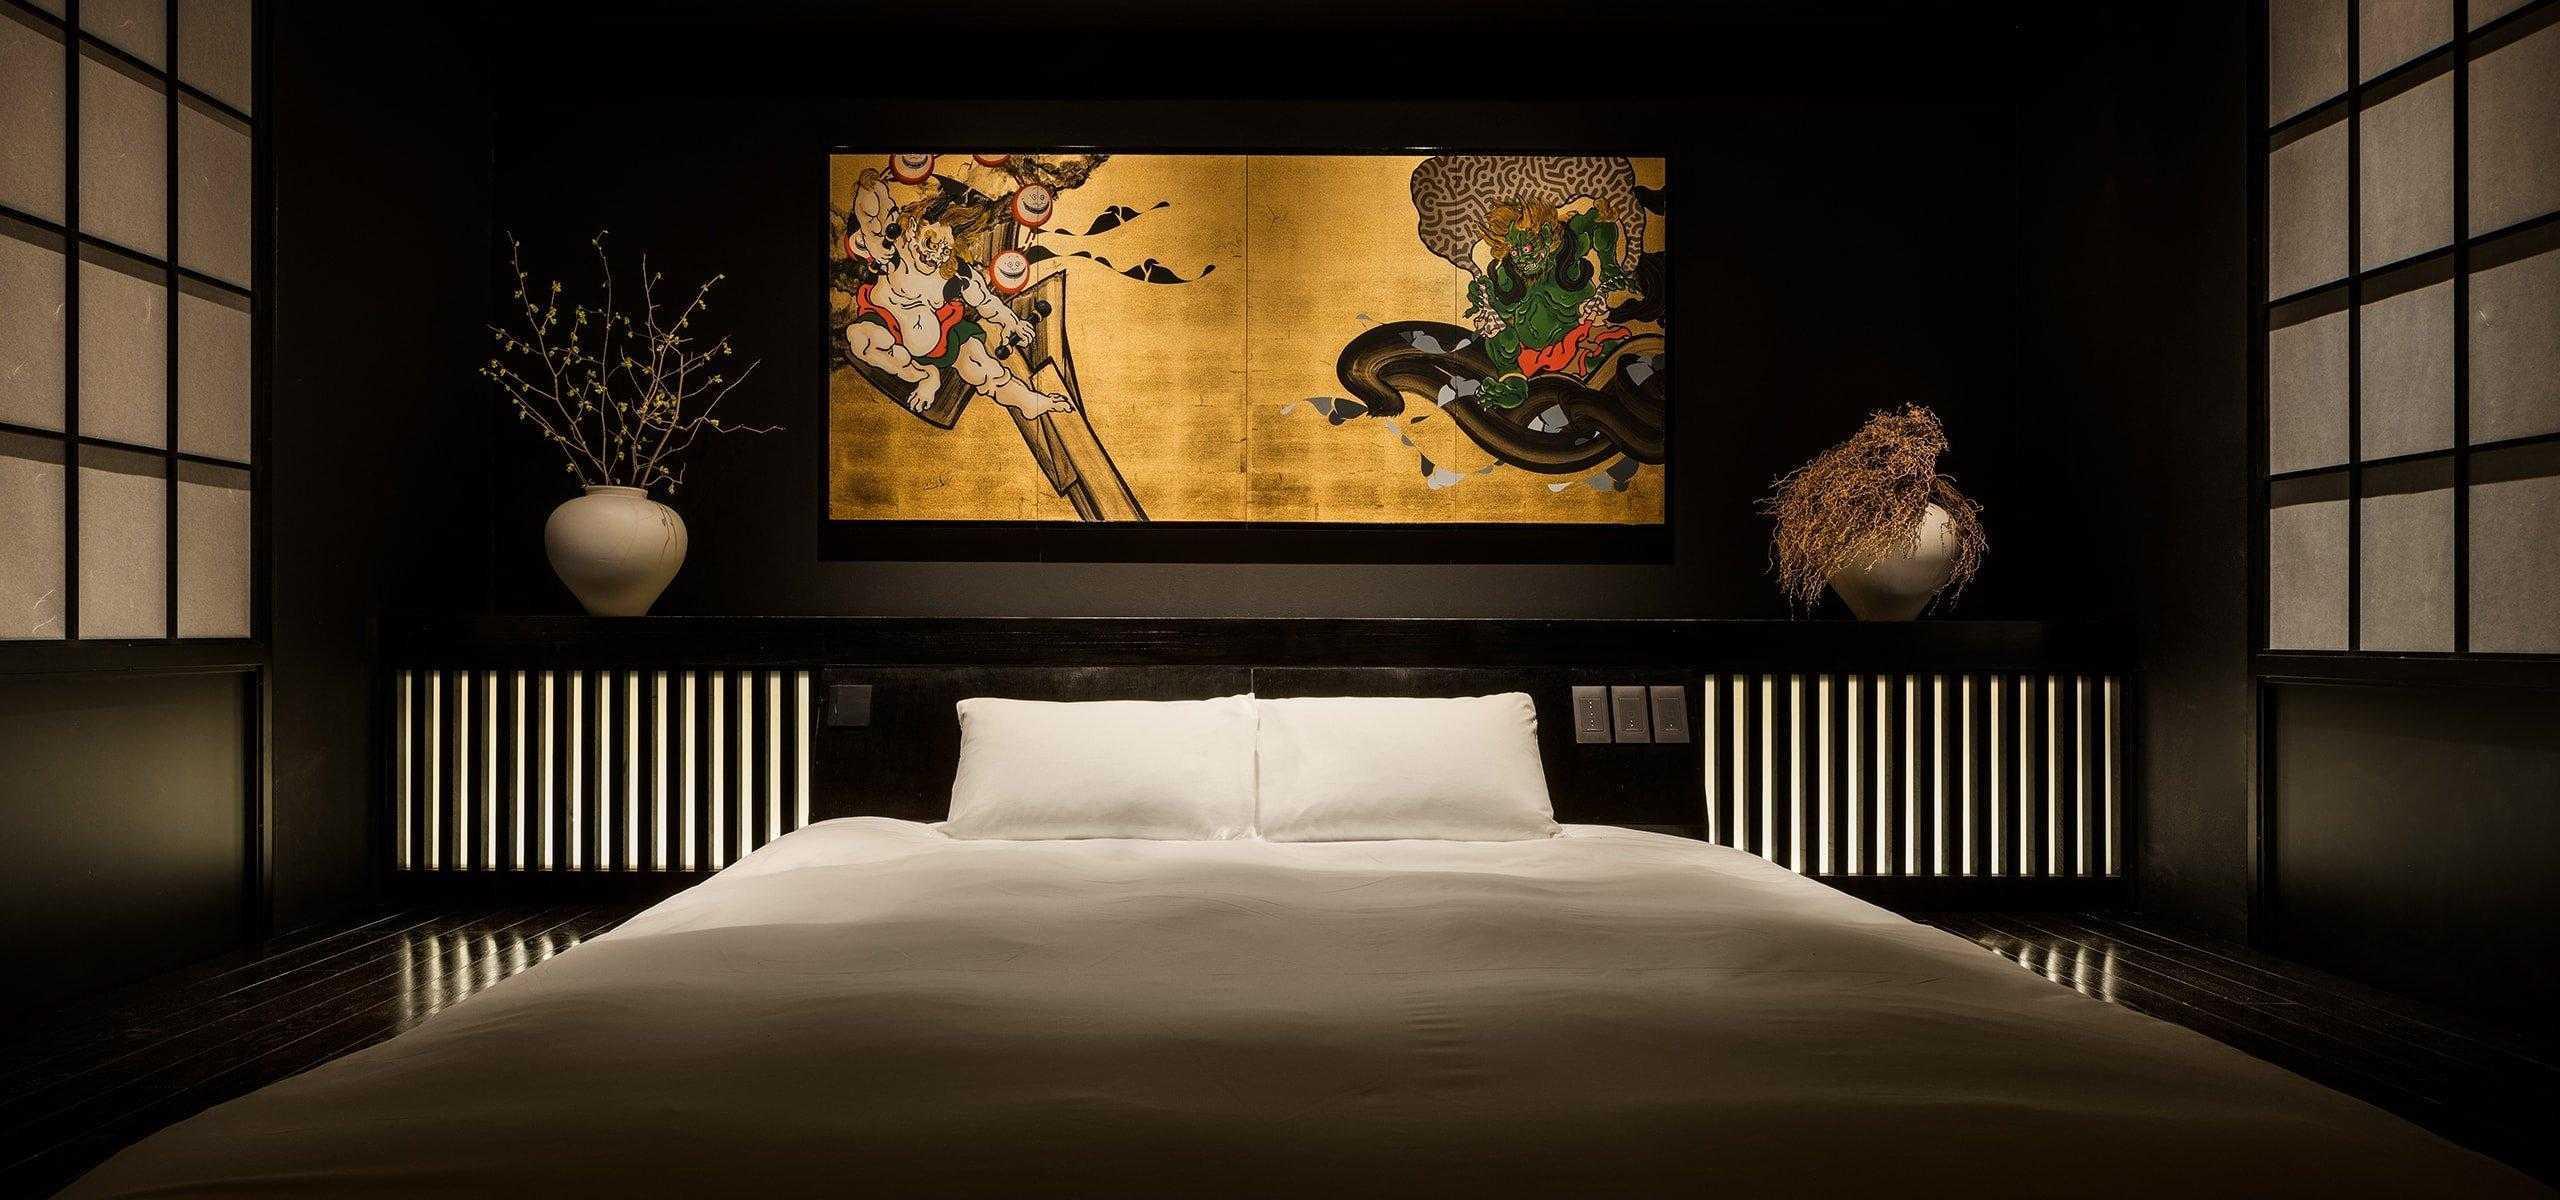 Ecco l'hotel di Tokyo che ti fa immergere nel design e nell'arte giapponese